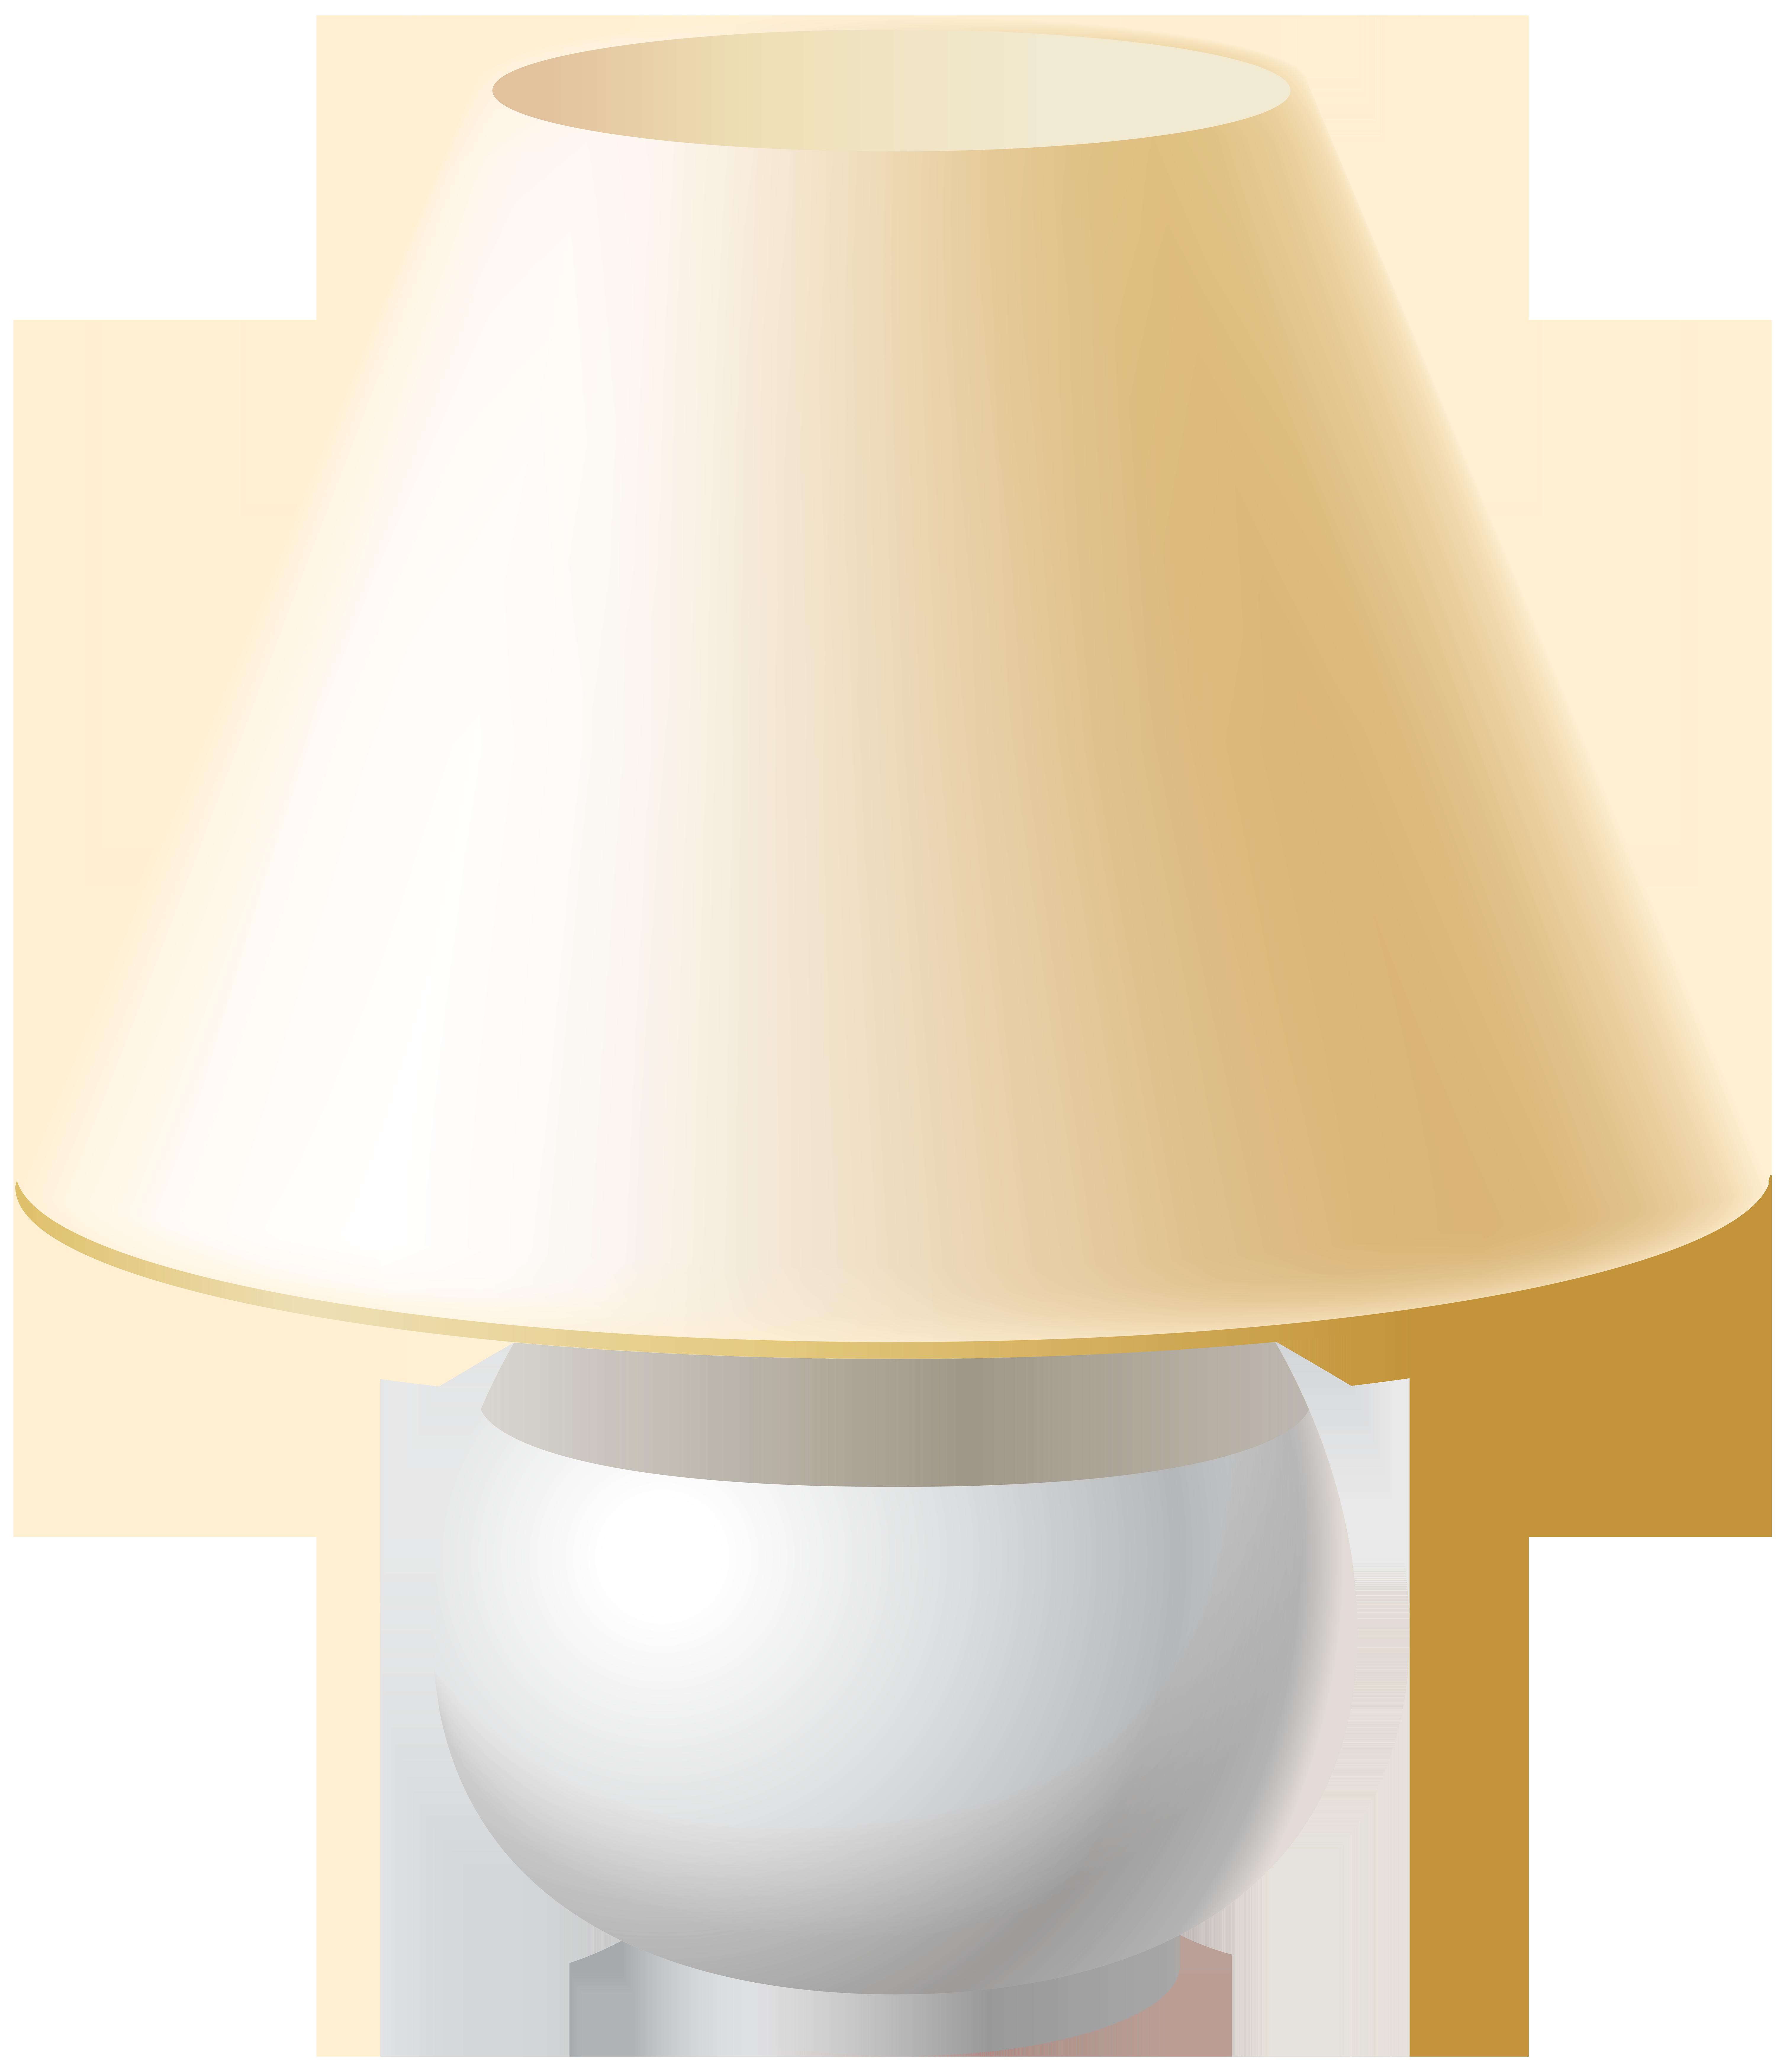 Clipart nightlight graphic transparent download Idea clipart night light, Idea night light Transparent FREE for ... graphic transparent download